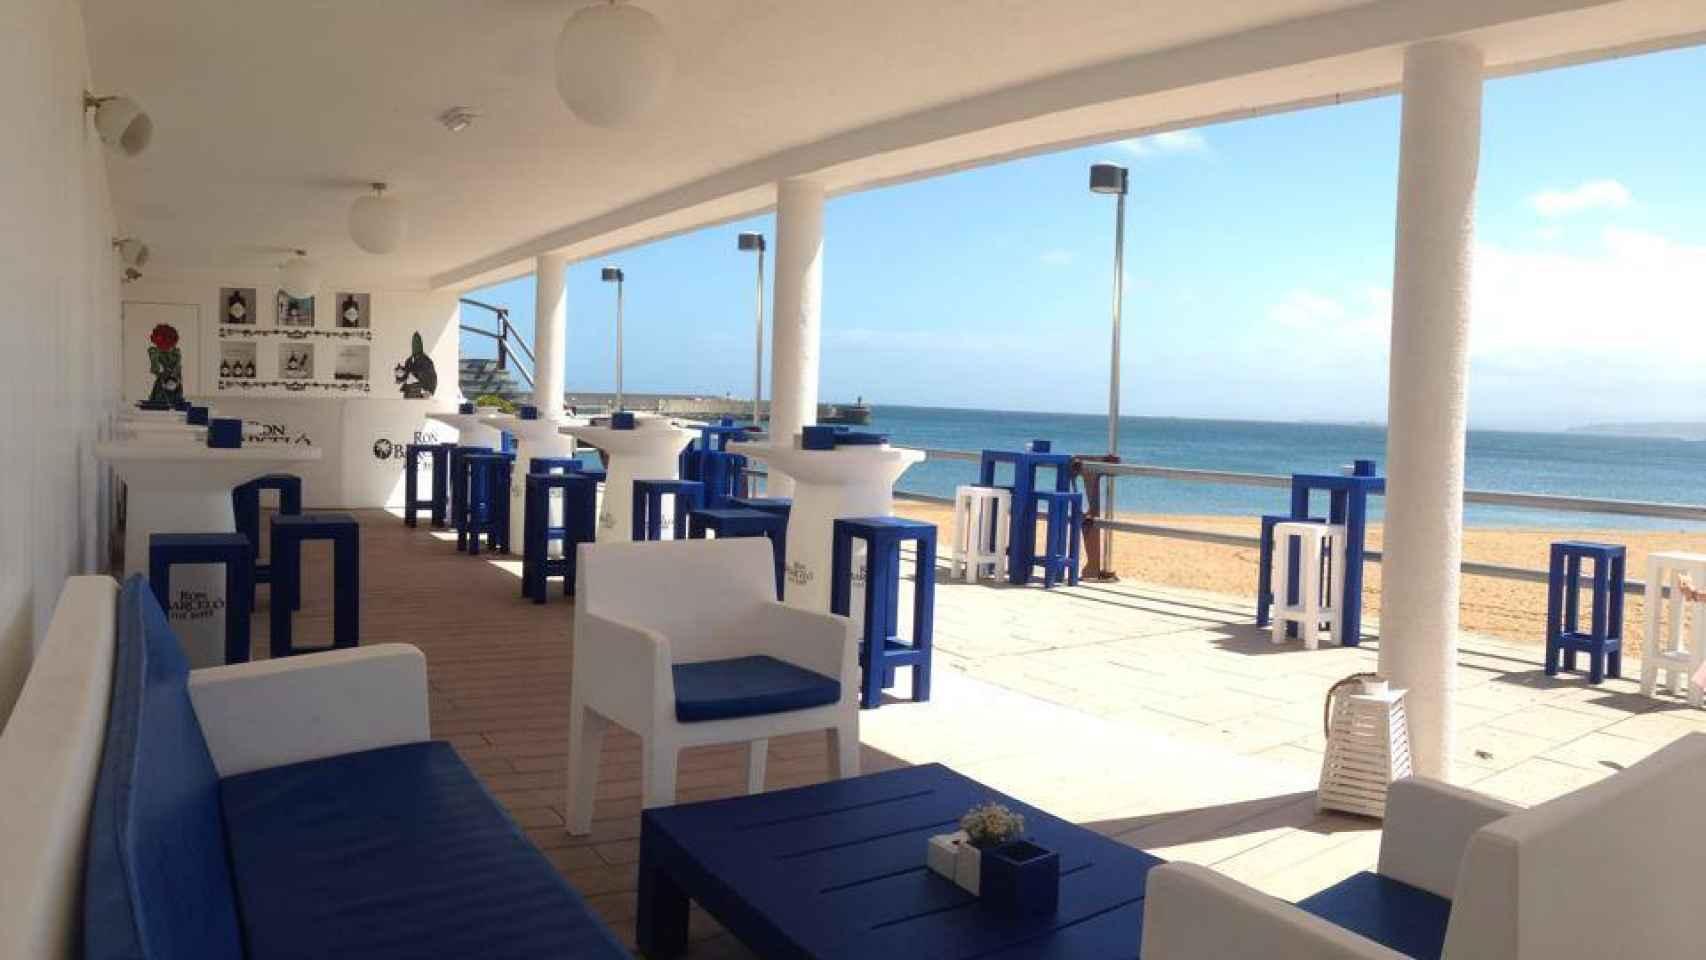 Buenas vistas y platos asturianos para acompañarlas en La Playa Luanco.